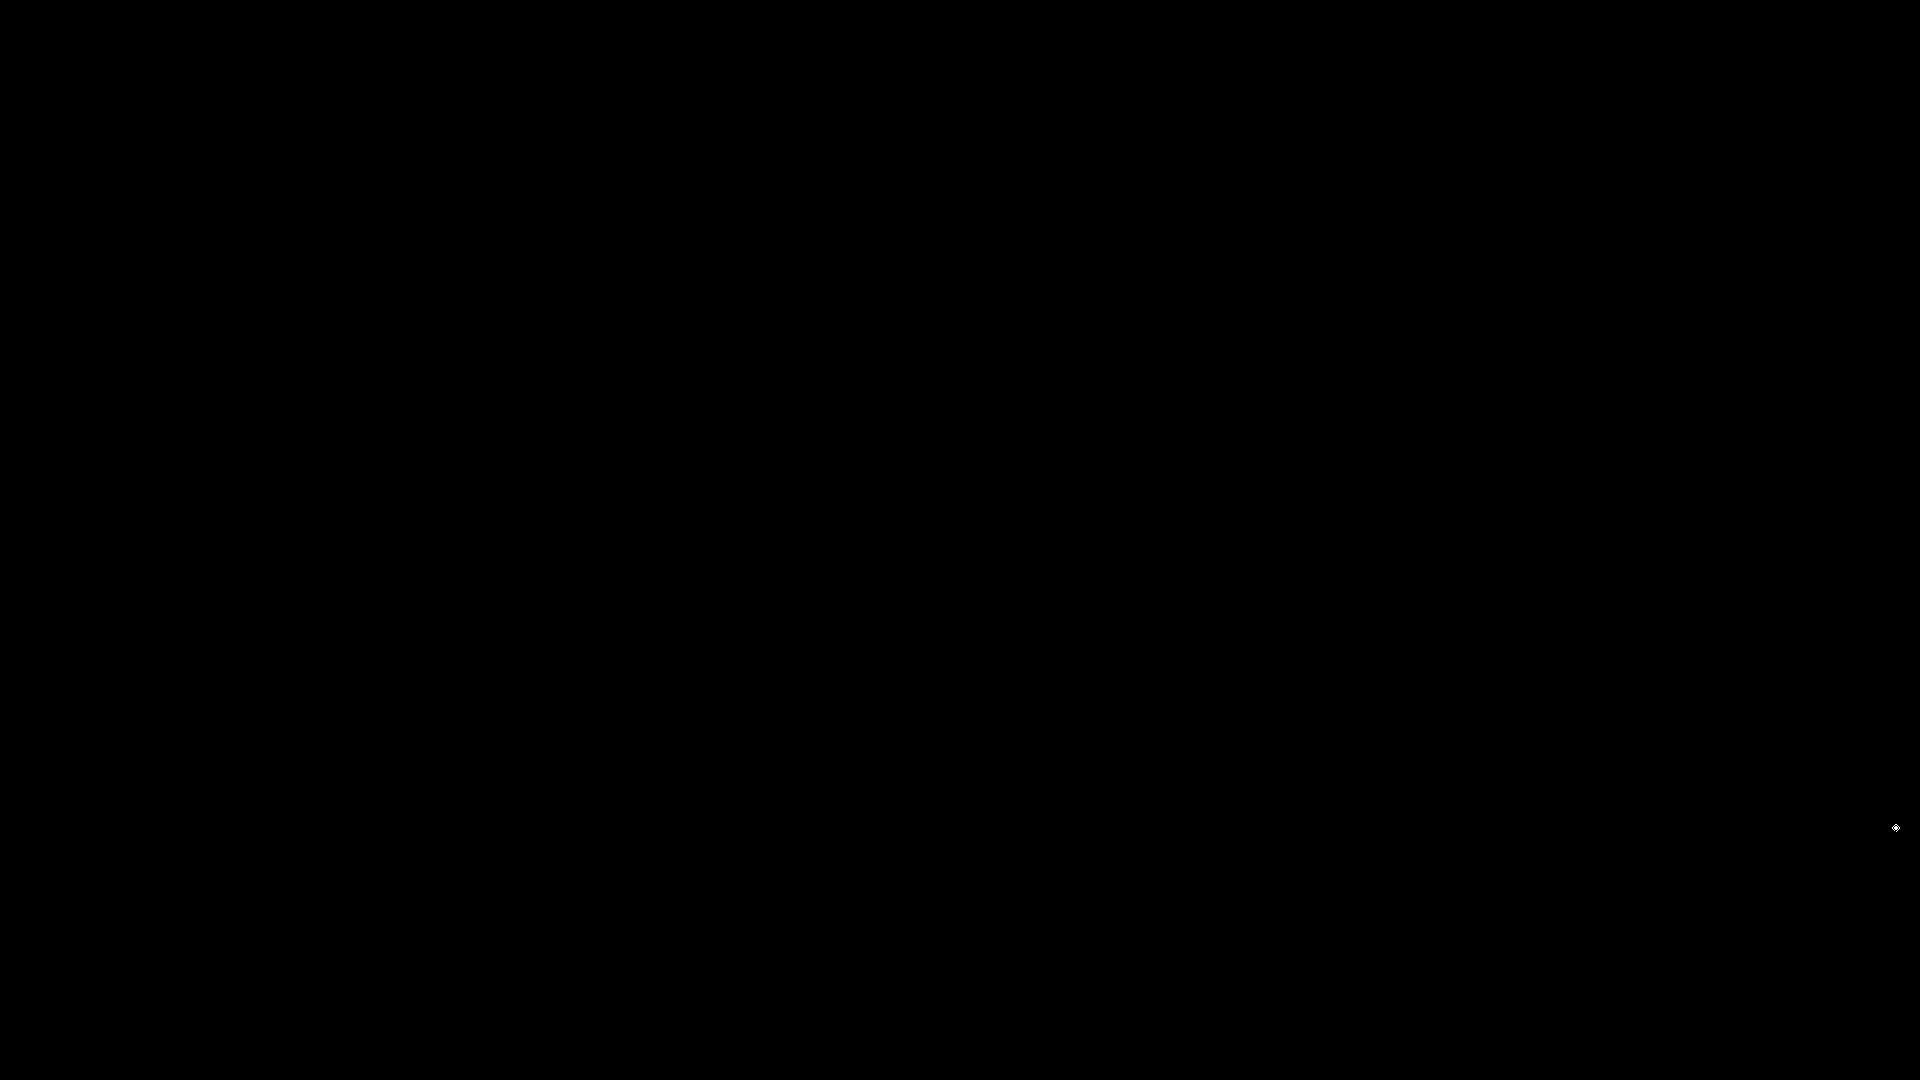 circle (5).png